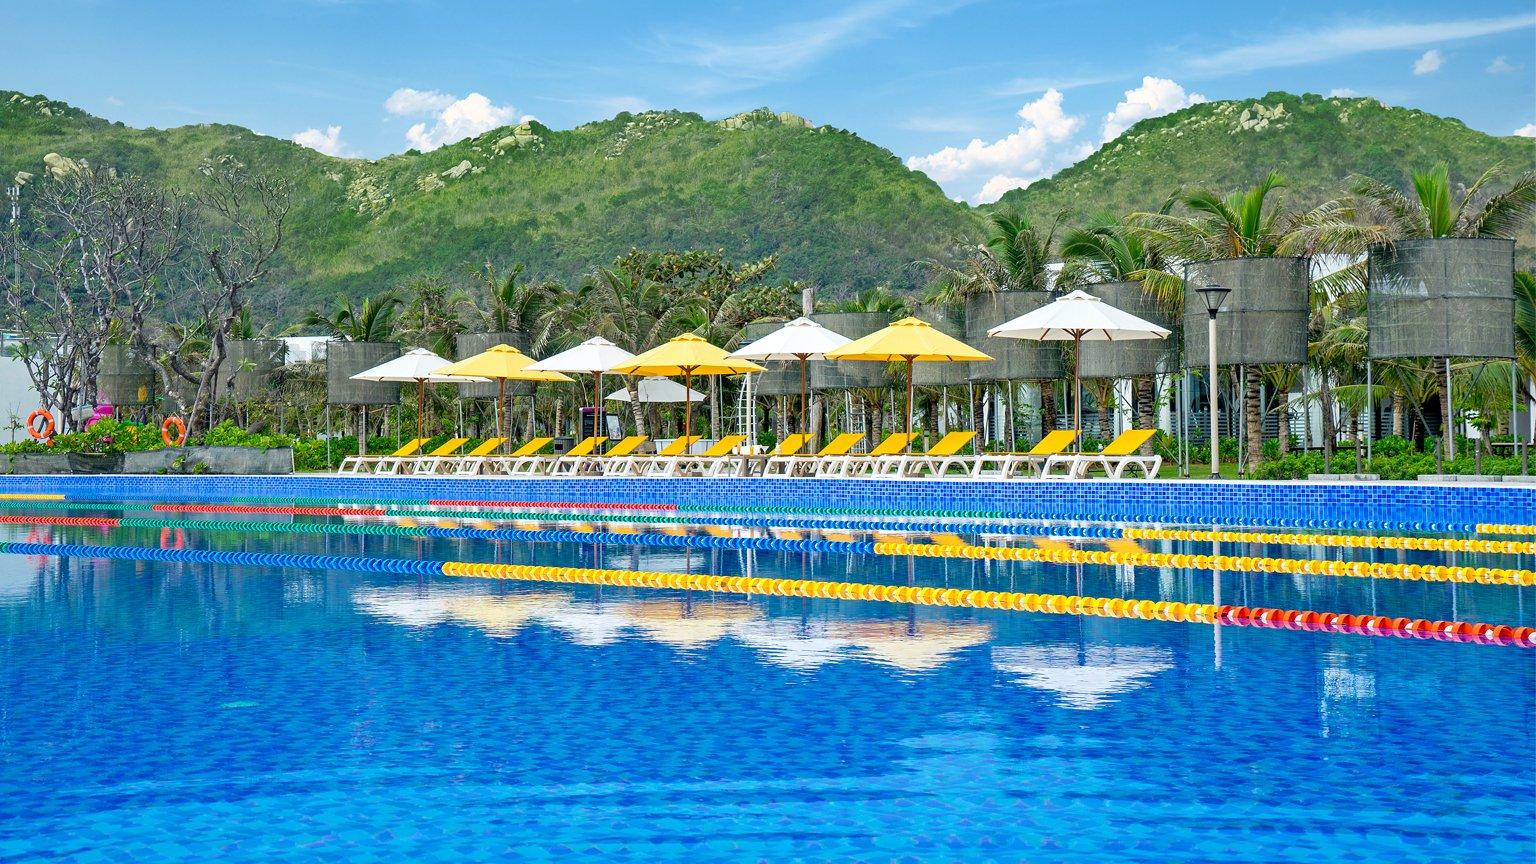 Kết quả hình ảnh cho banner oceanami resort